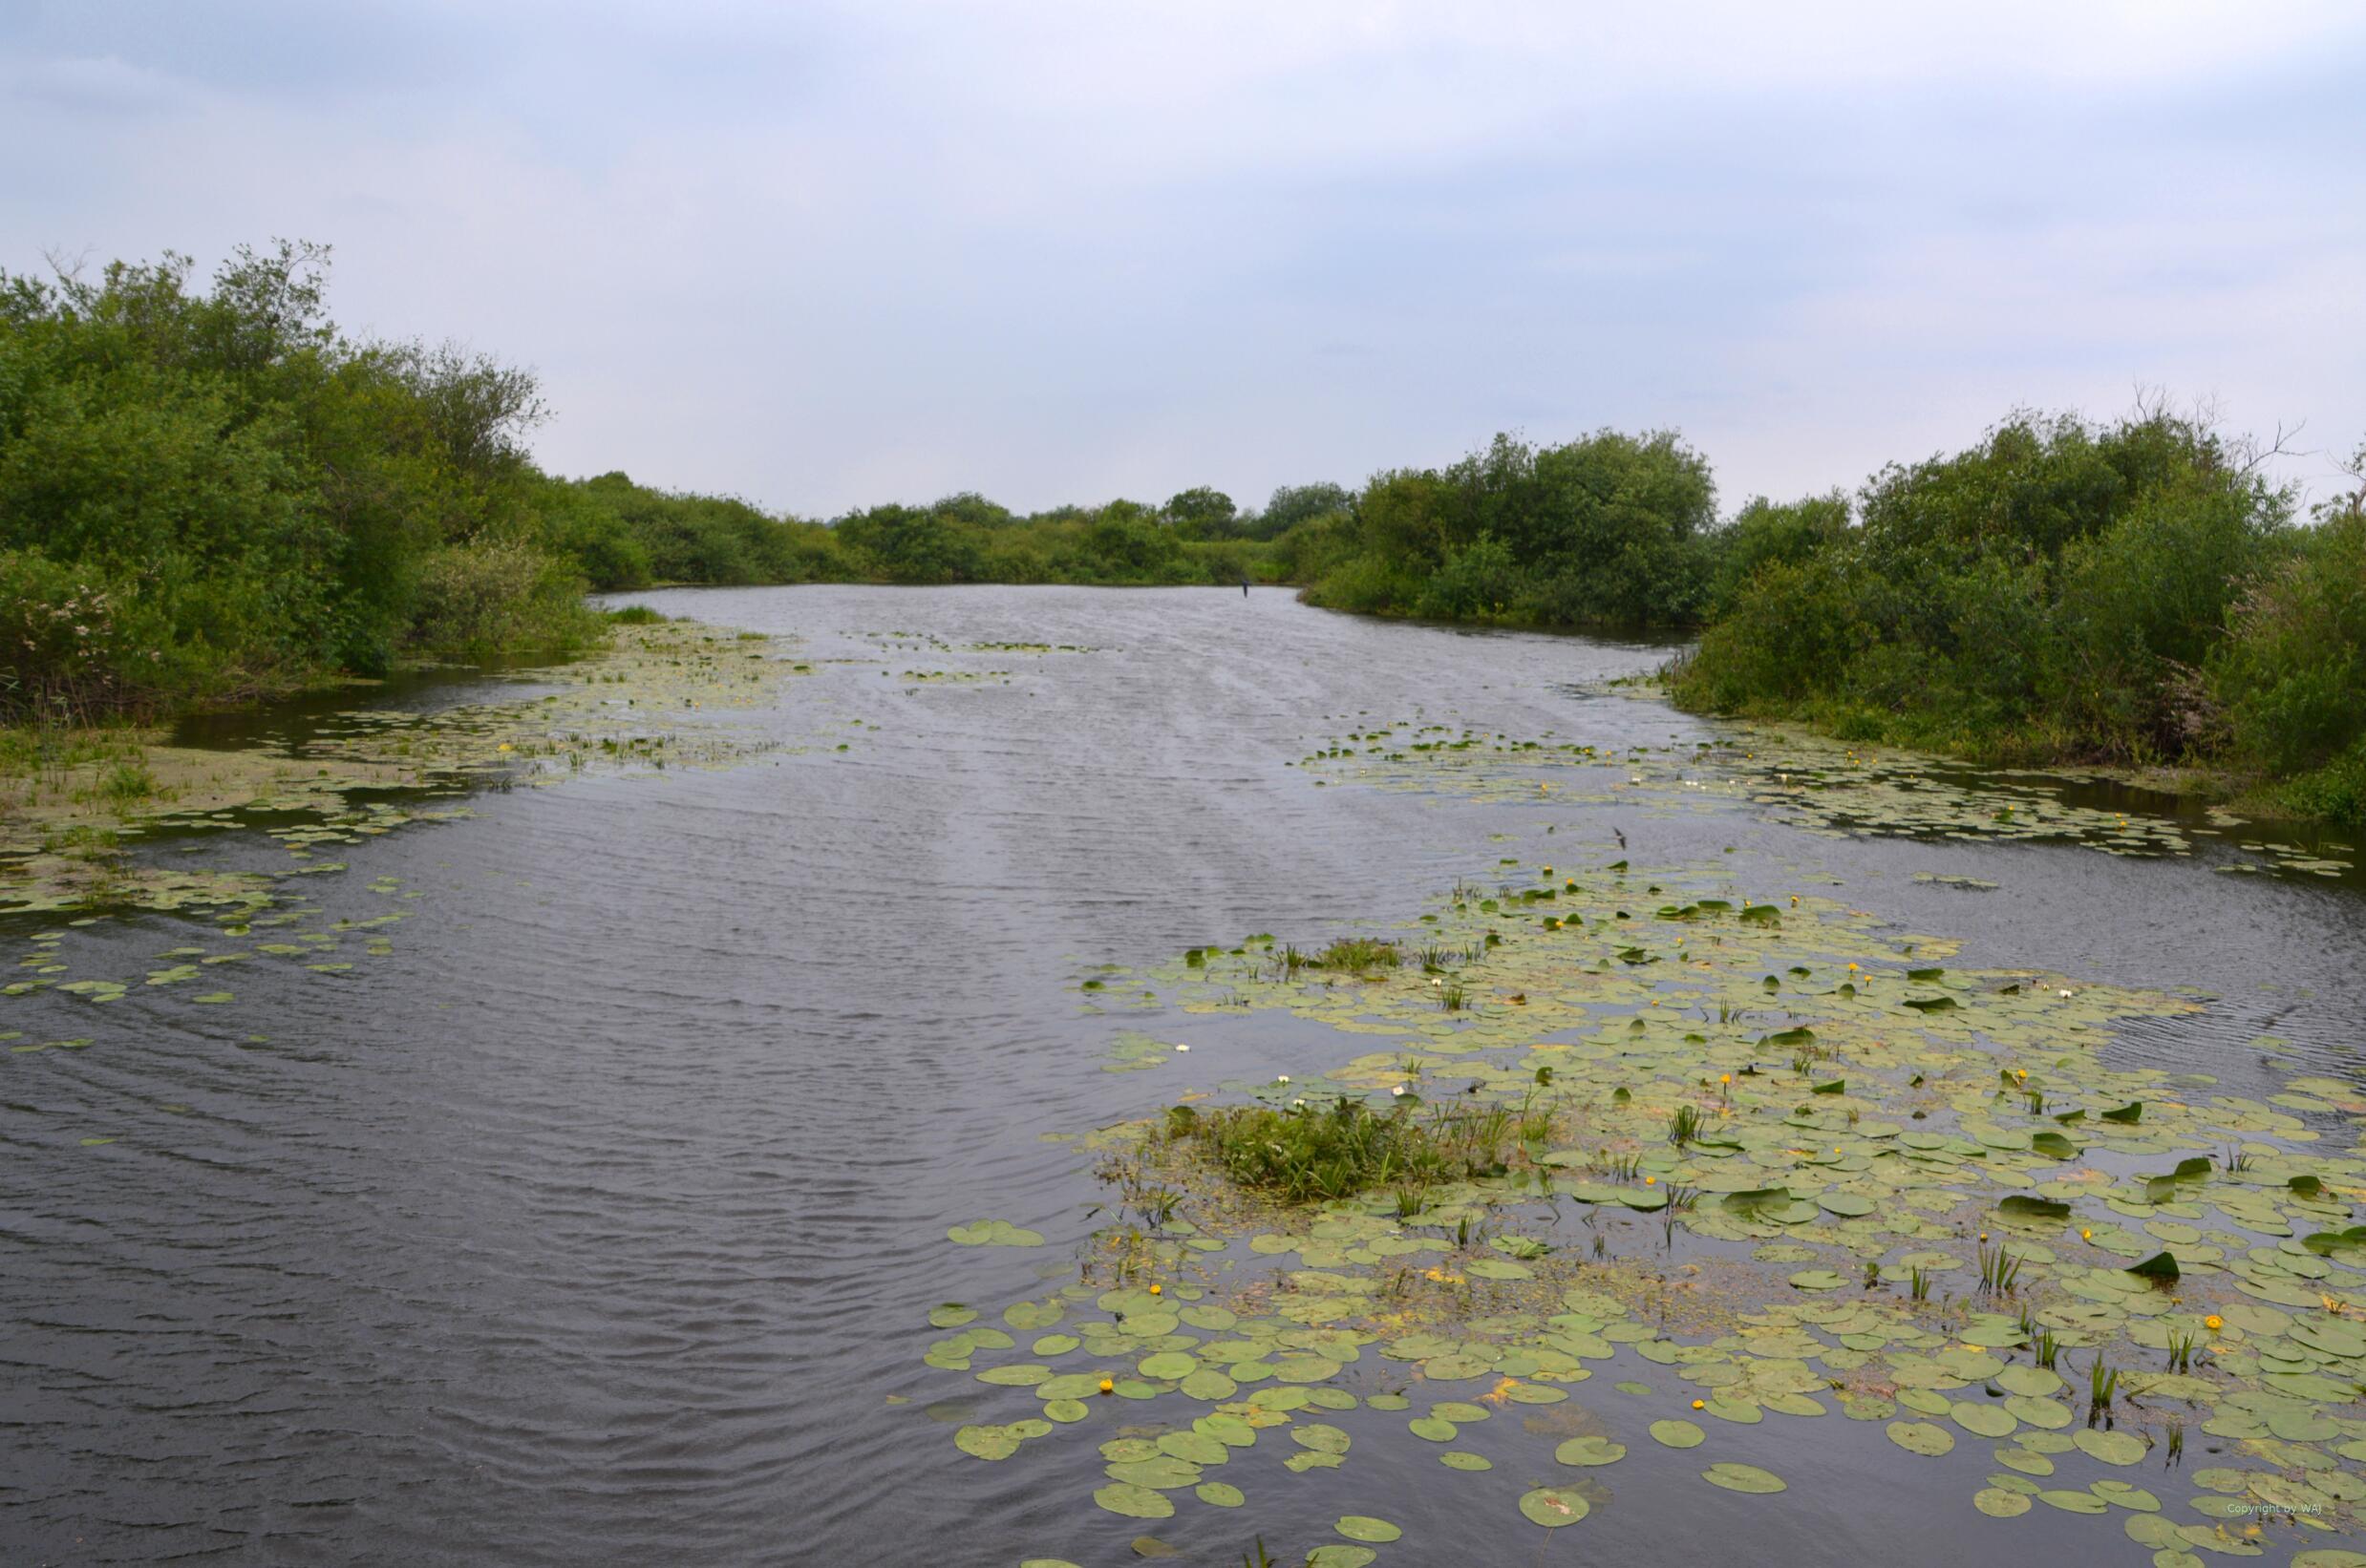 Malerische Wasserwege durchziehen das Sumpfgebiet.